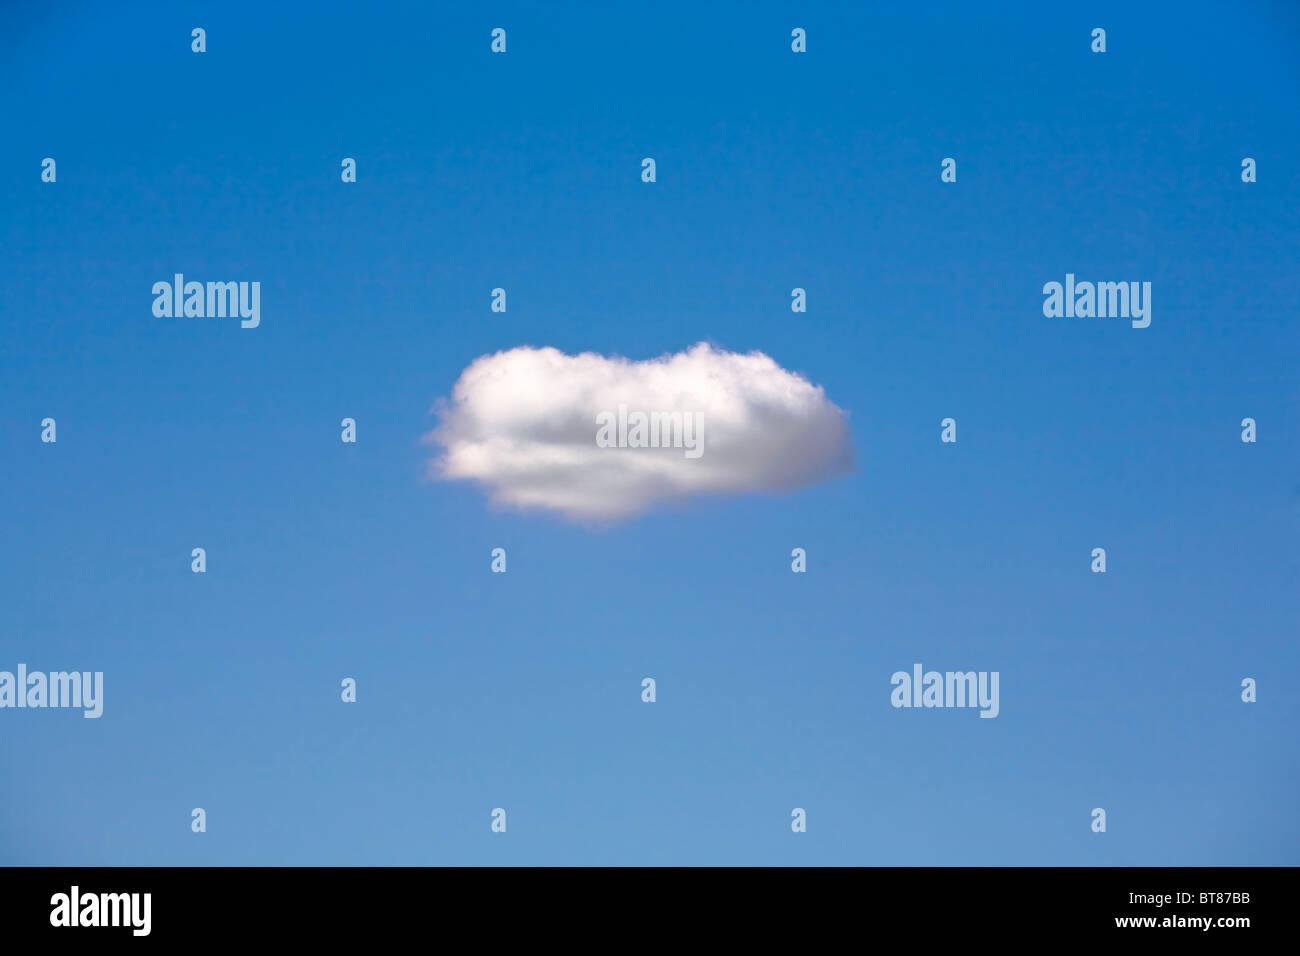 Una sola nube flotando en un cielo azul. Imagen De Stock